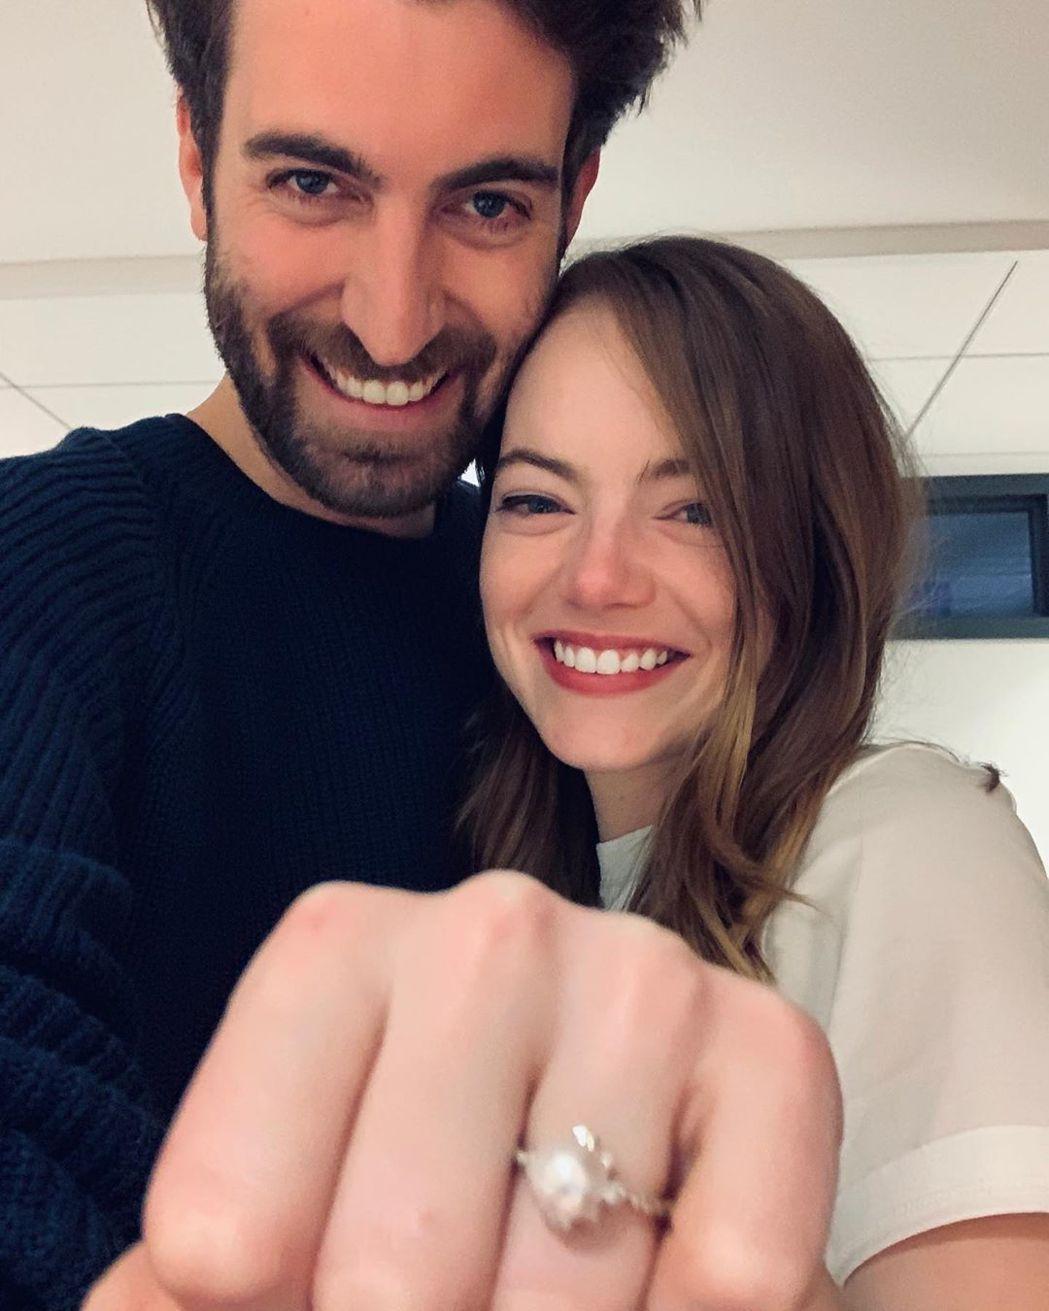 艾瑪史東與未婚夫戴維麥卡瑞被曝即將正式辦婚禮。圖/摘自Instagram